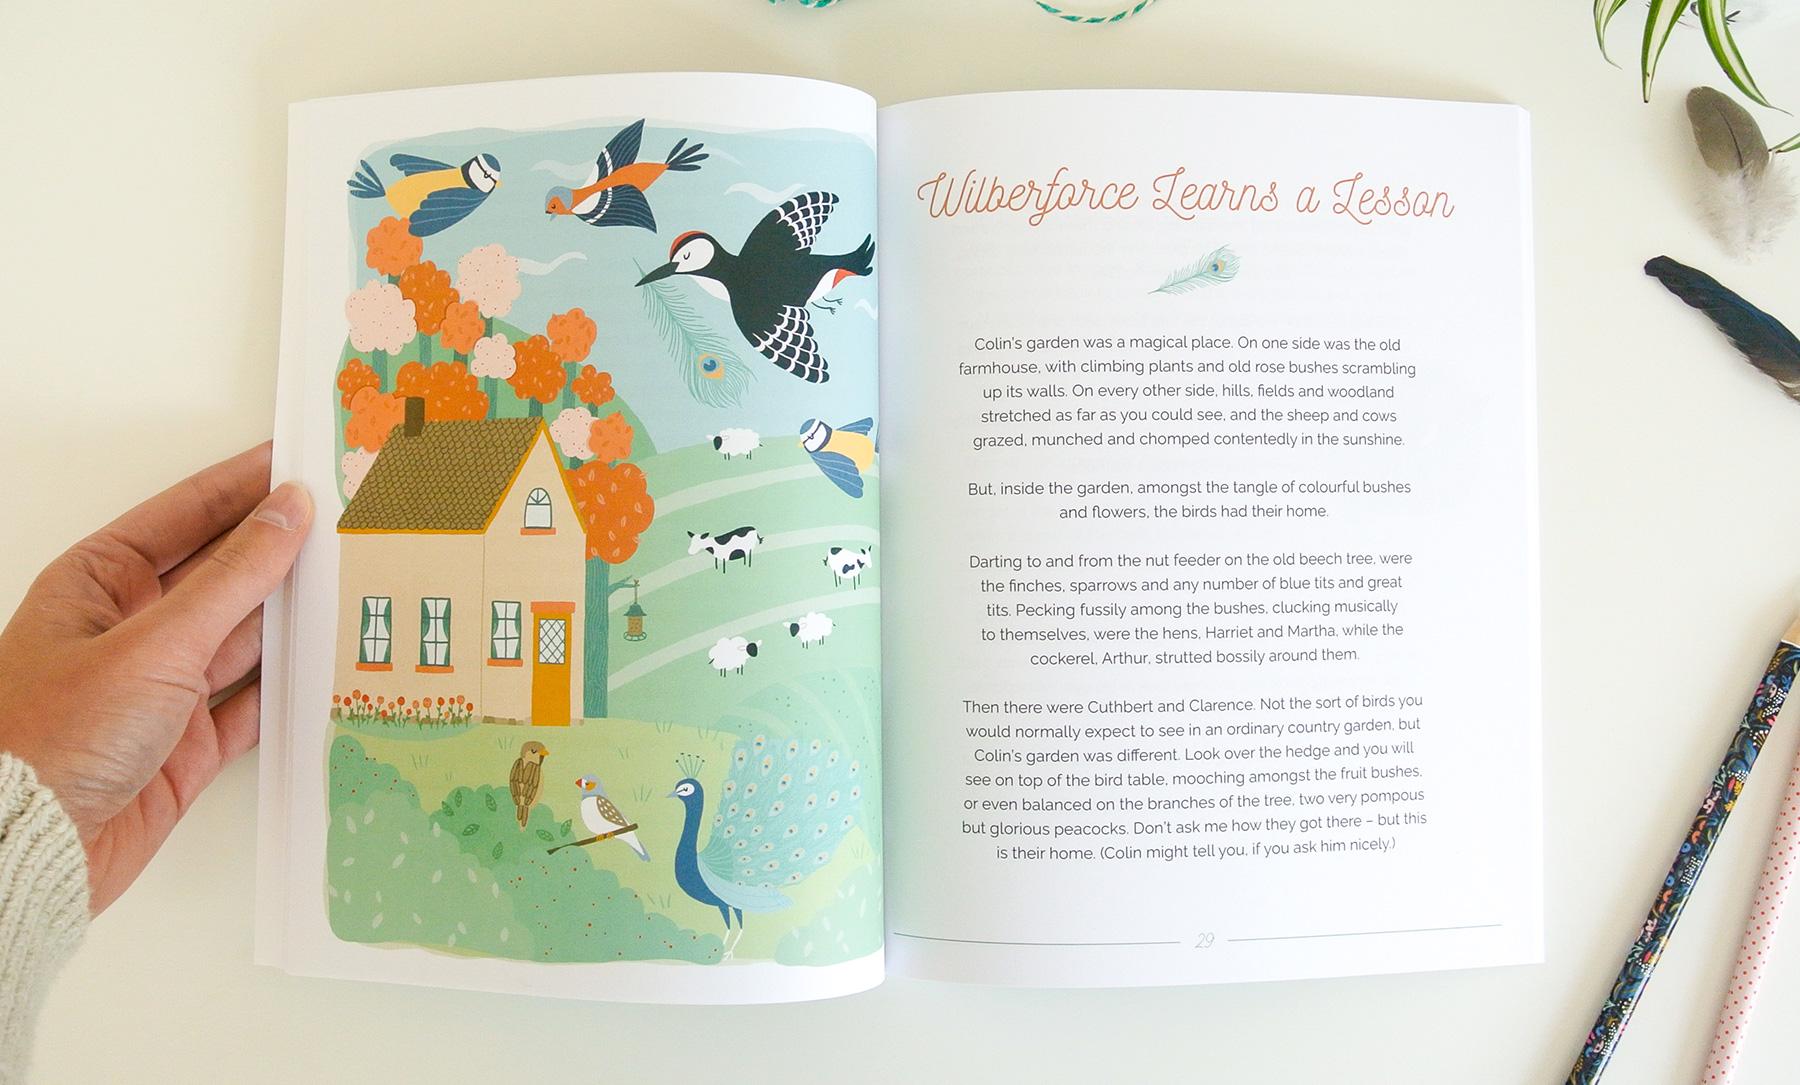 Carole_Chevalier-Woodpecker-Tales-Book_8.jpg